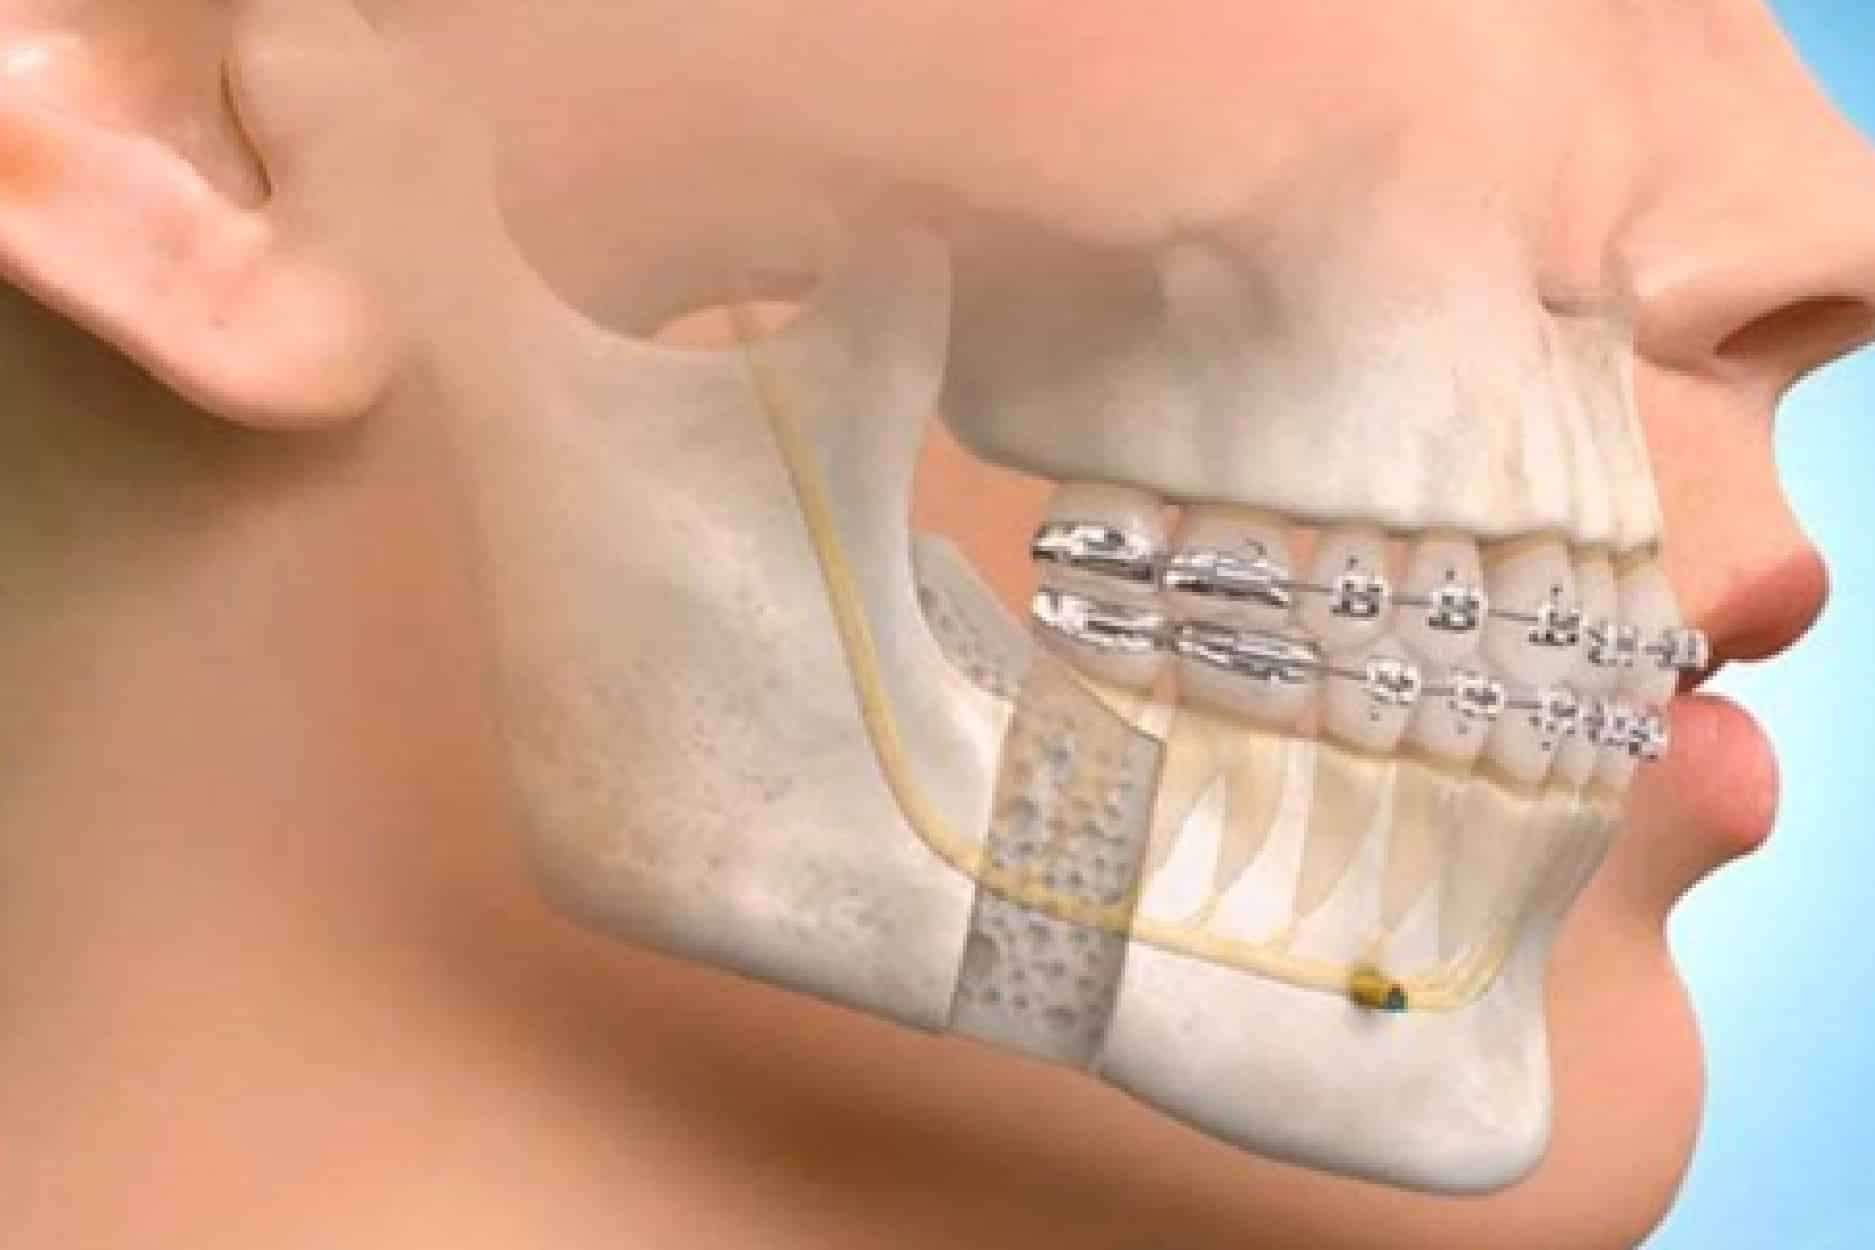 cirurgia de correção do maxilar